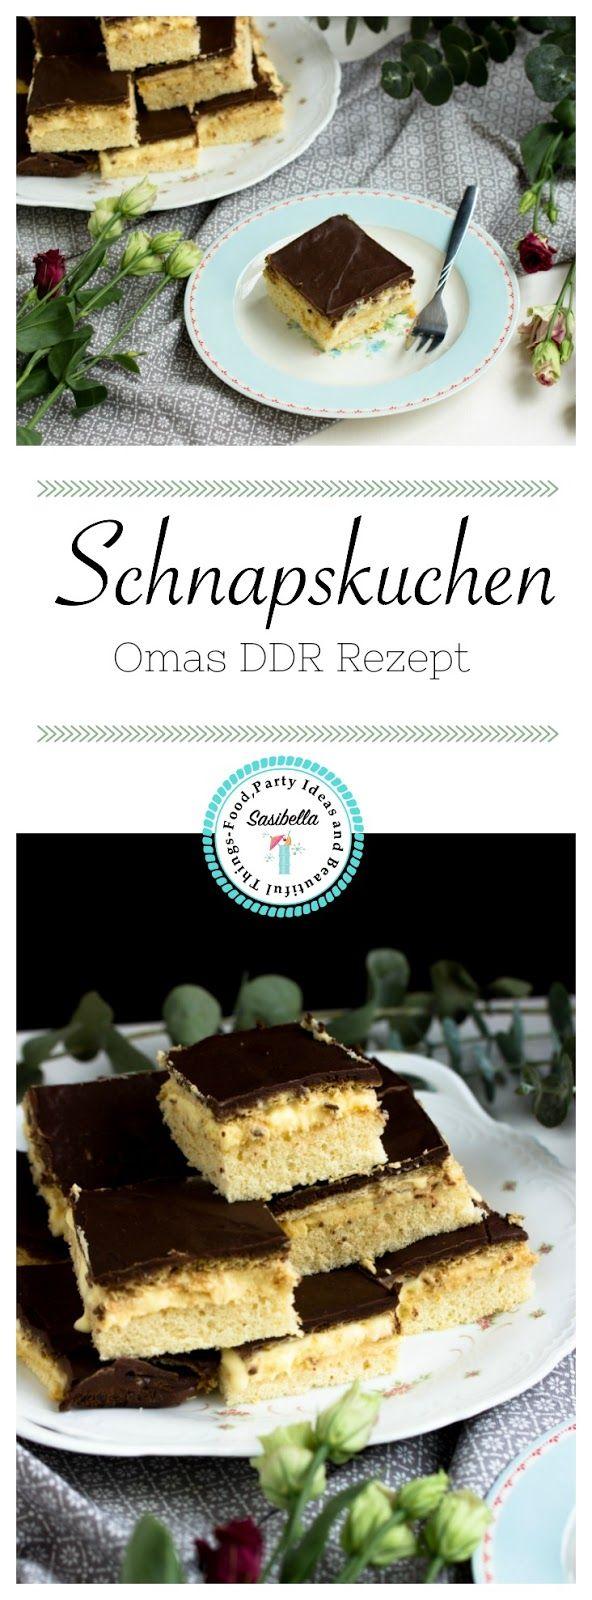 Schnapskuchen nach Omas DDR Rezept. Auch als LPG Kuchen bekannt.Ein leckeres Kuchenrezept für eure nächste Party.